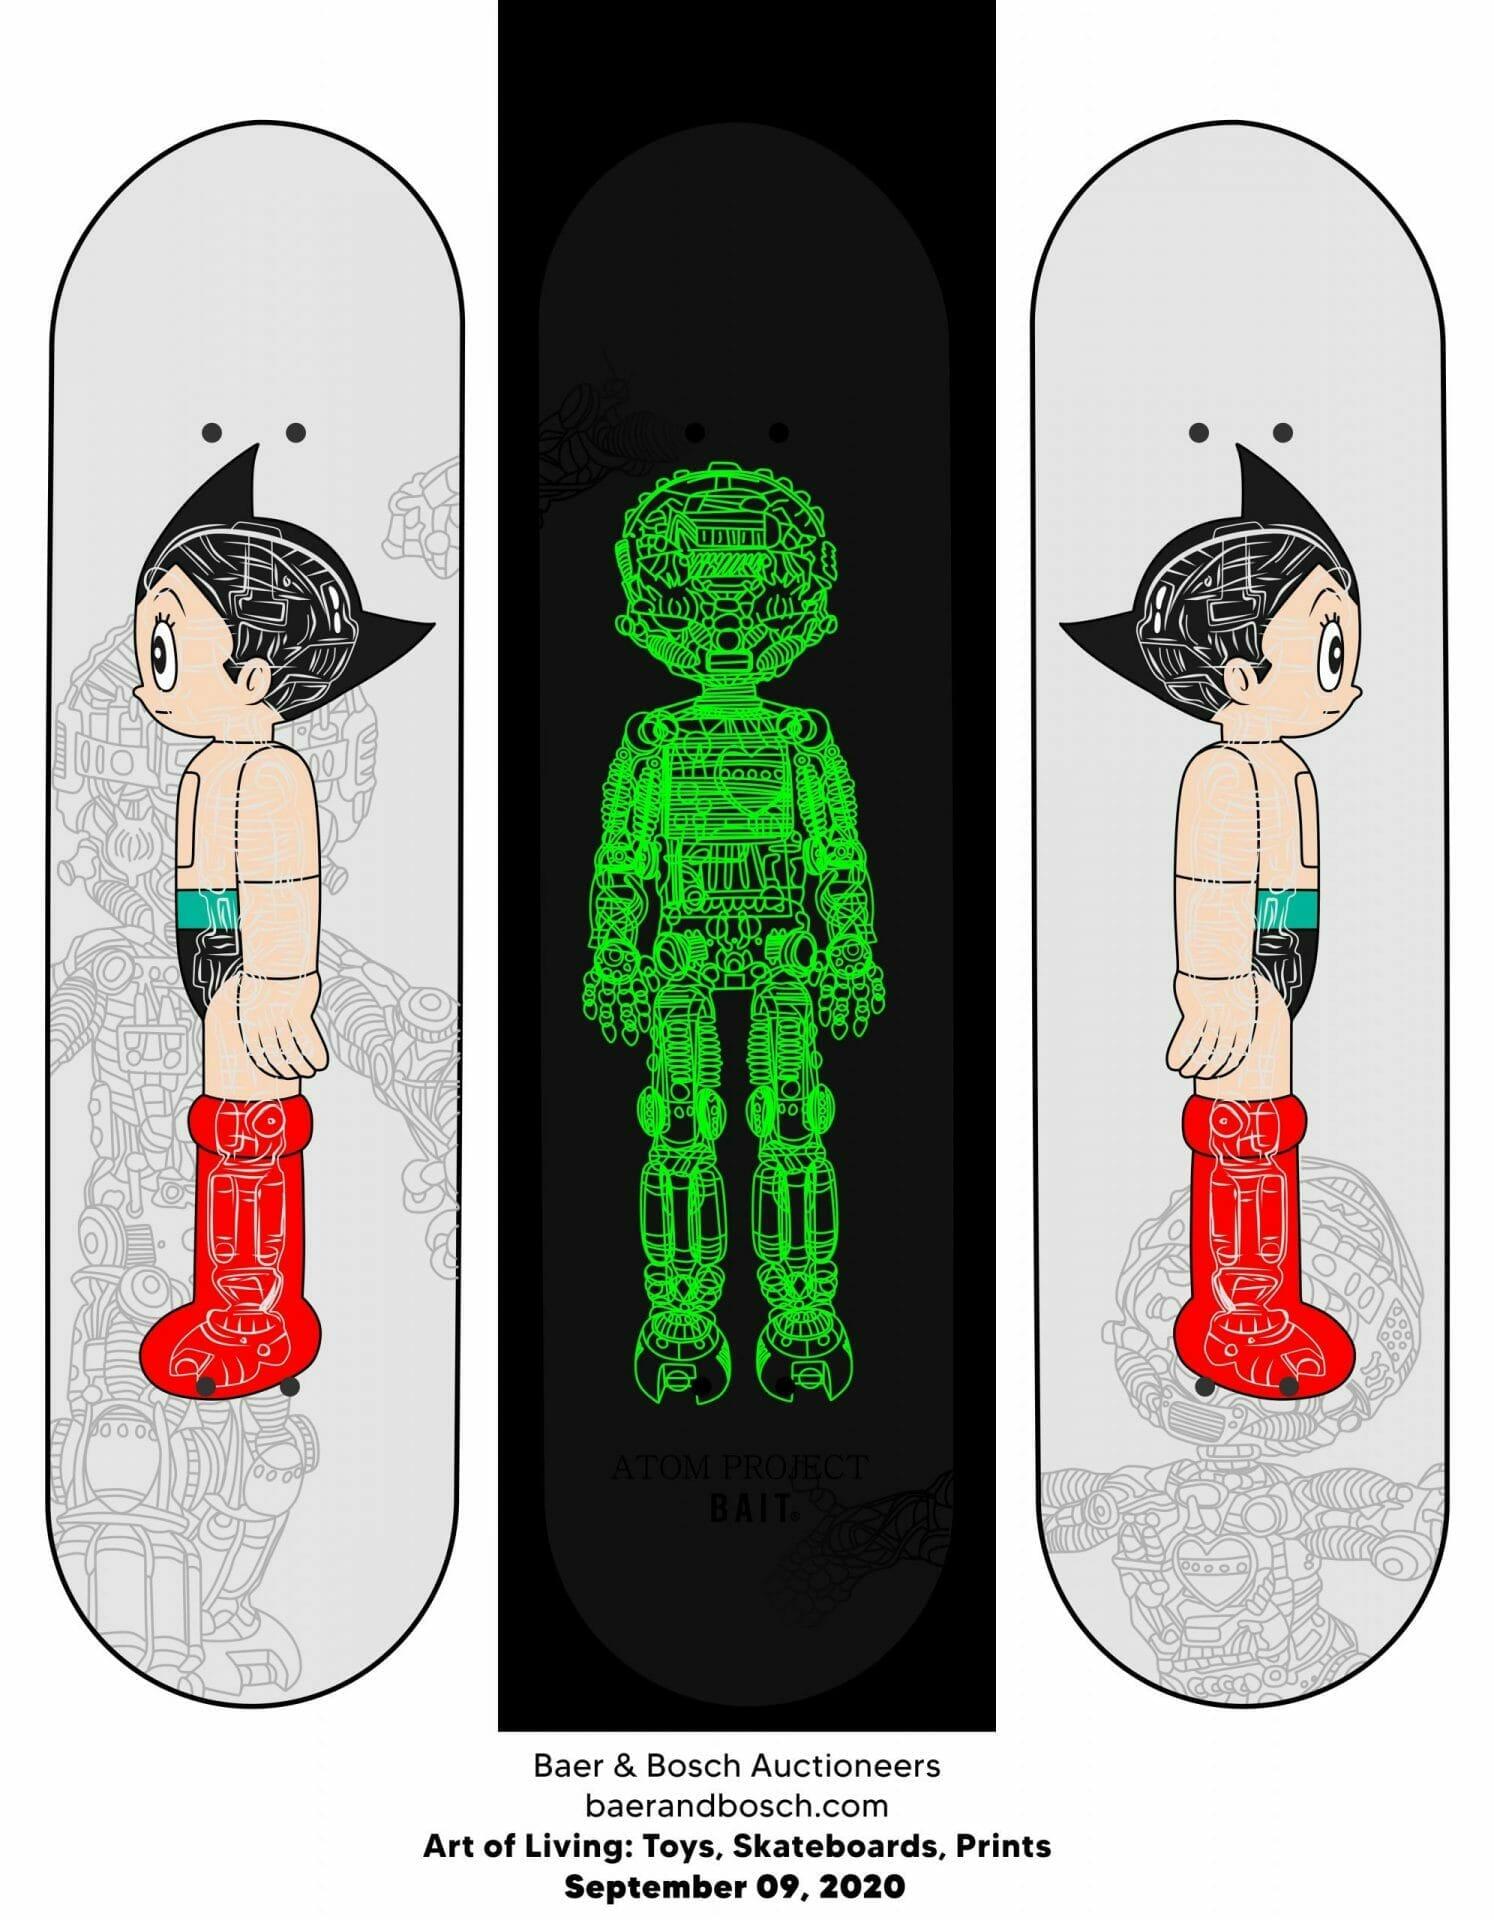 Art-of-Living-Toys, Skateboards, Prints